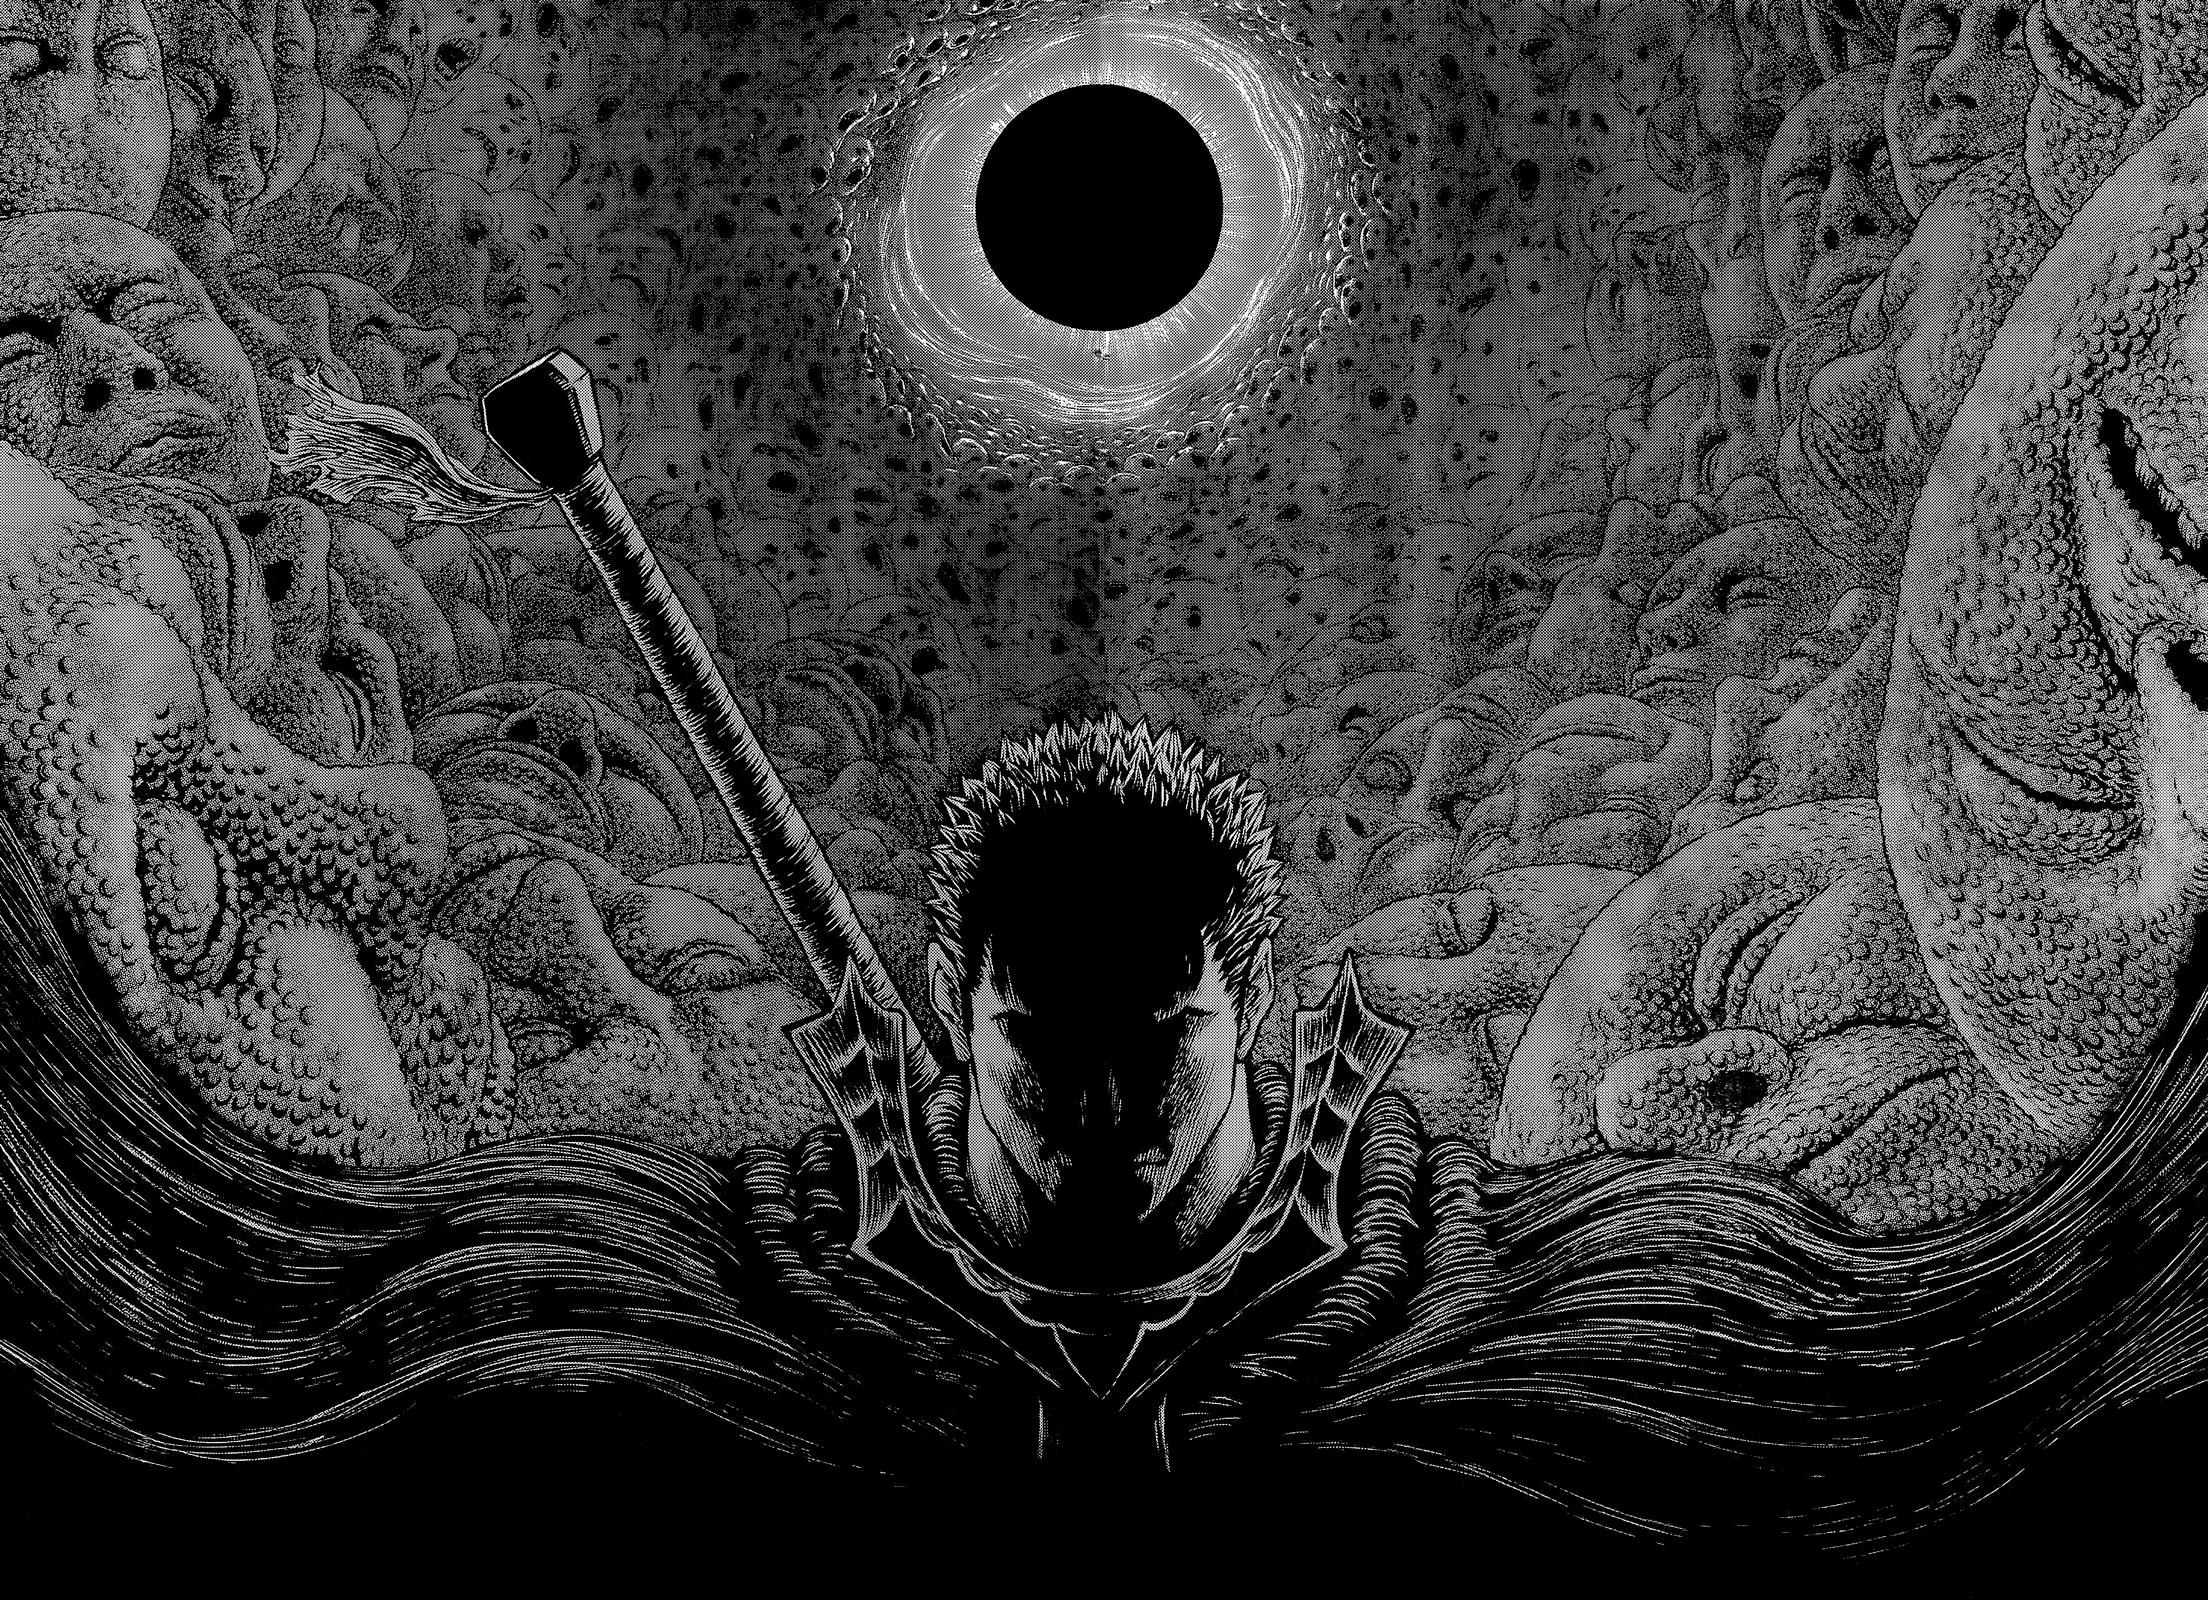 Wallpaper Berserk Kentaro Miura Guts Manga 2208x1600